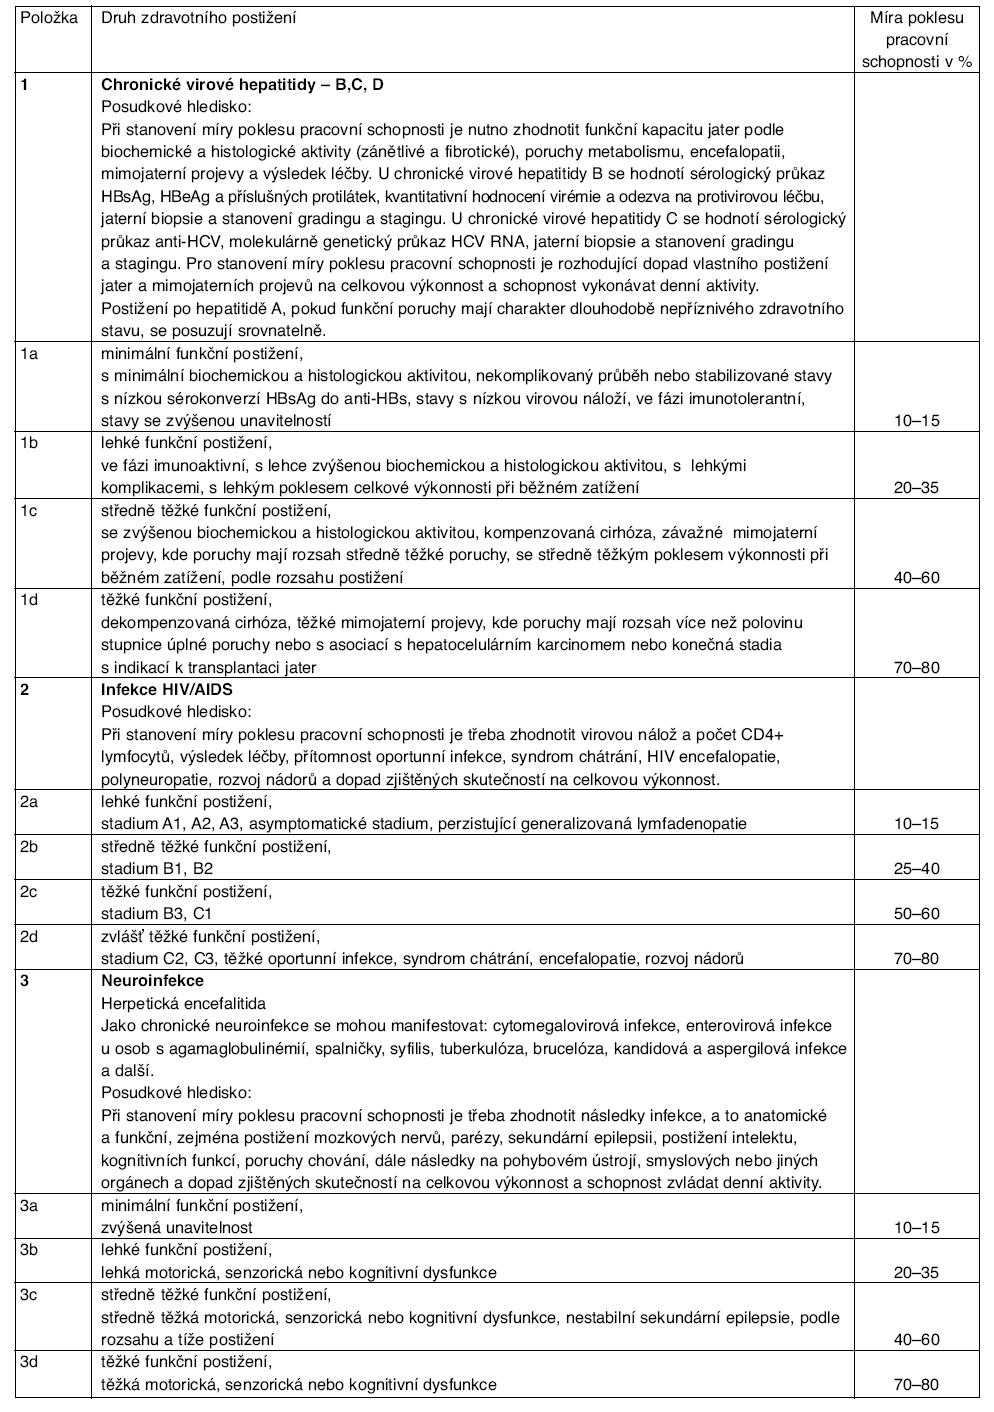 Návrh přílohy vyhlášky o posuzování invalidity – kapitola I – Infekce